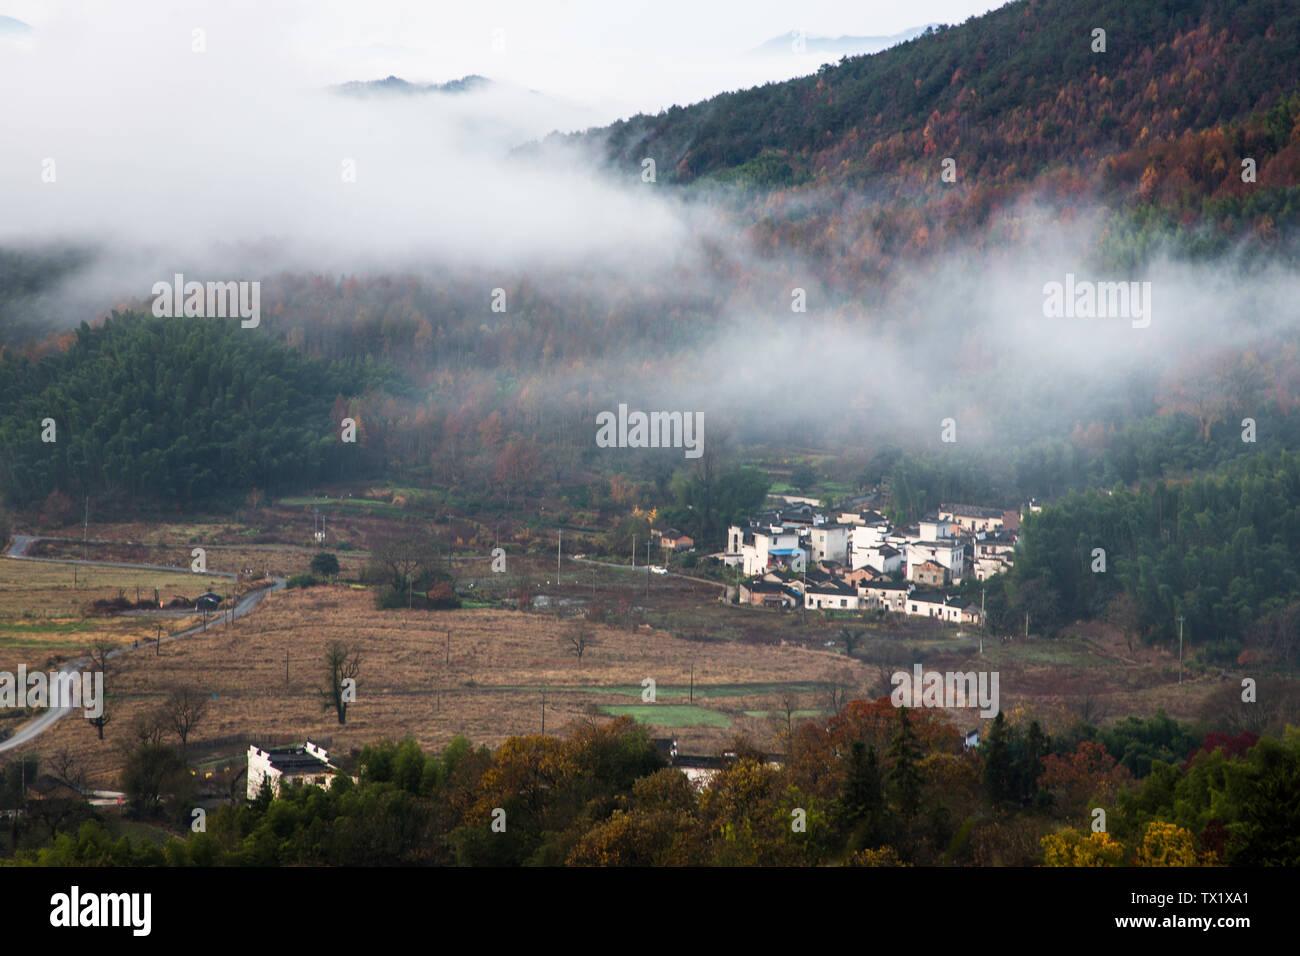 Ein altes Dorf eingehüllt durch Wolken und Nebel. Stockfoto